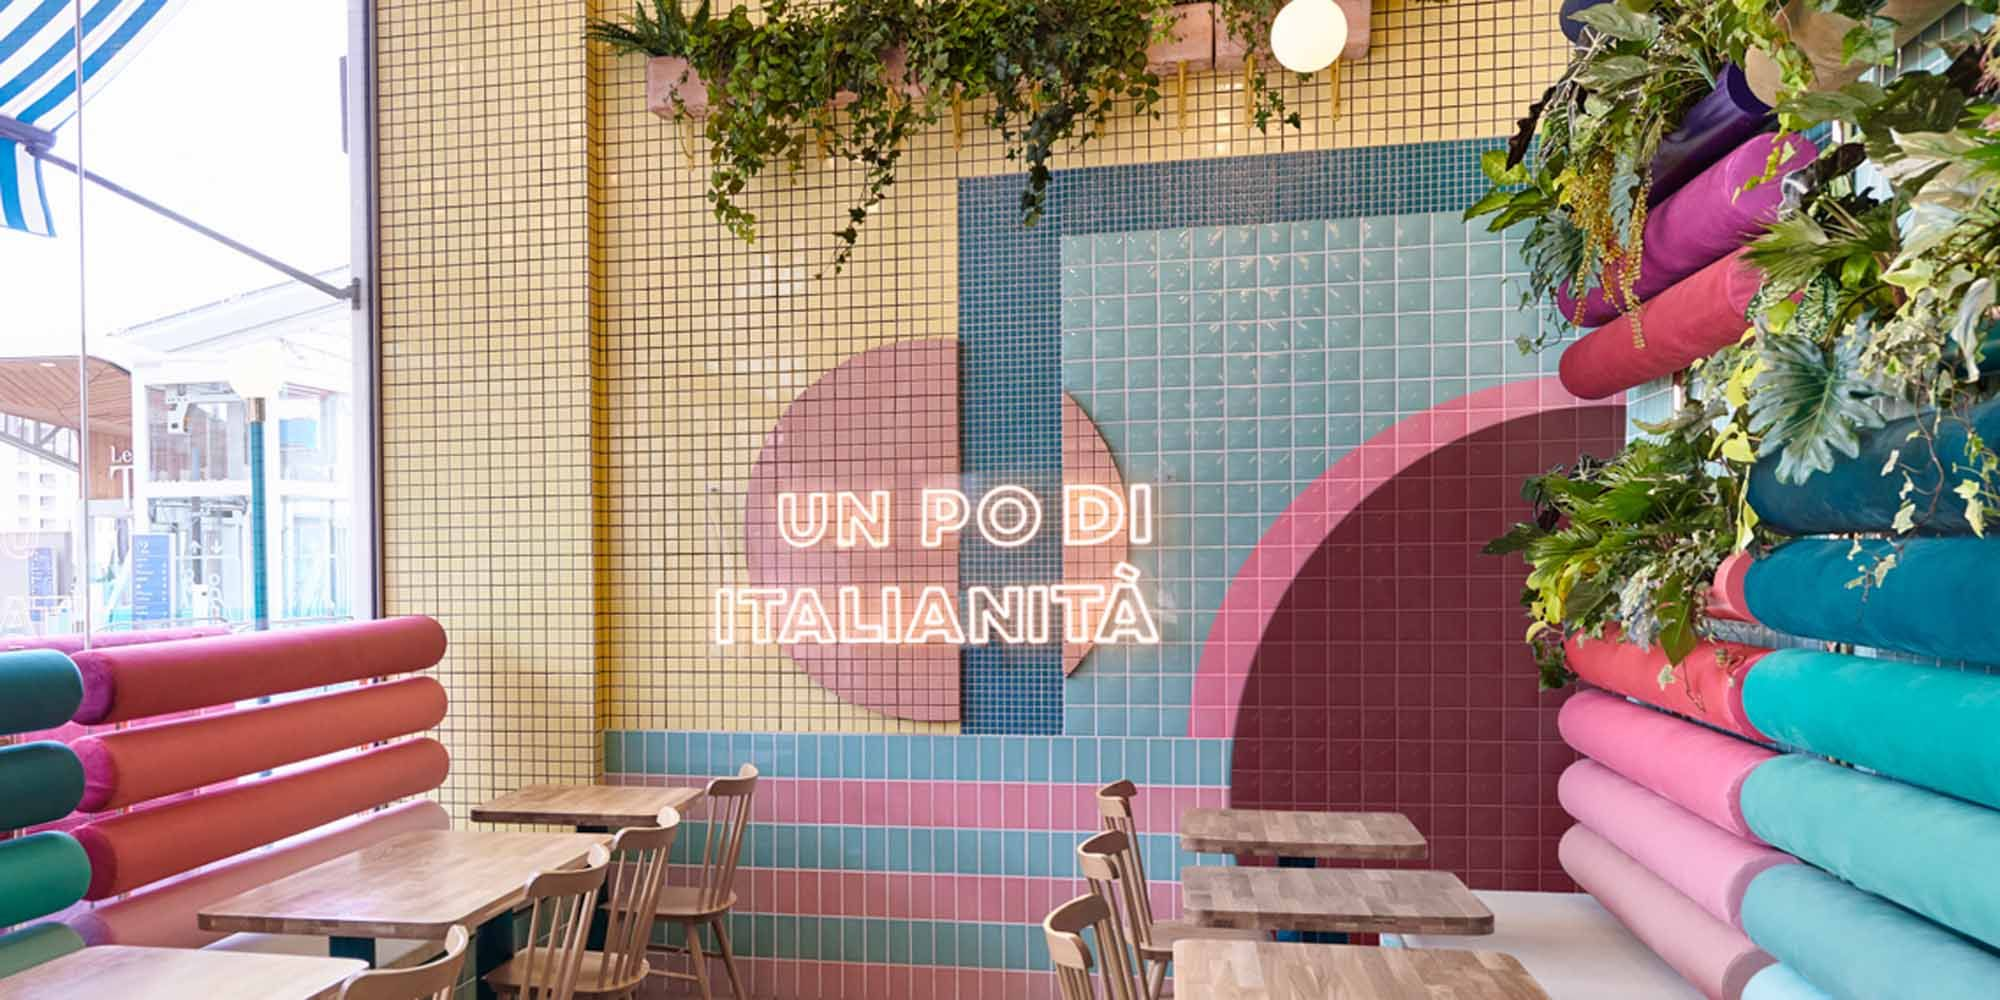 Dit is misschien wel het kleurrijkste restaurant ooit